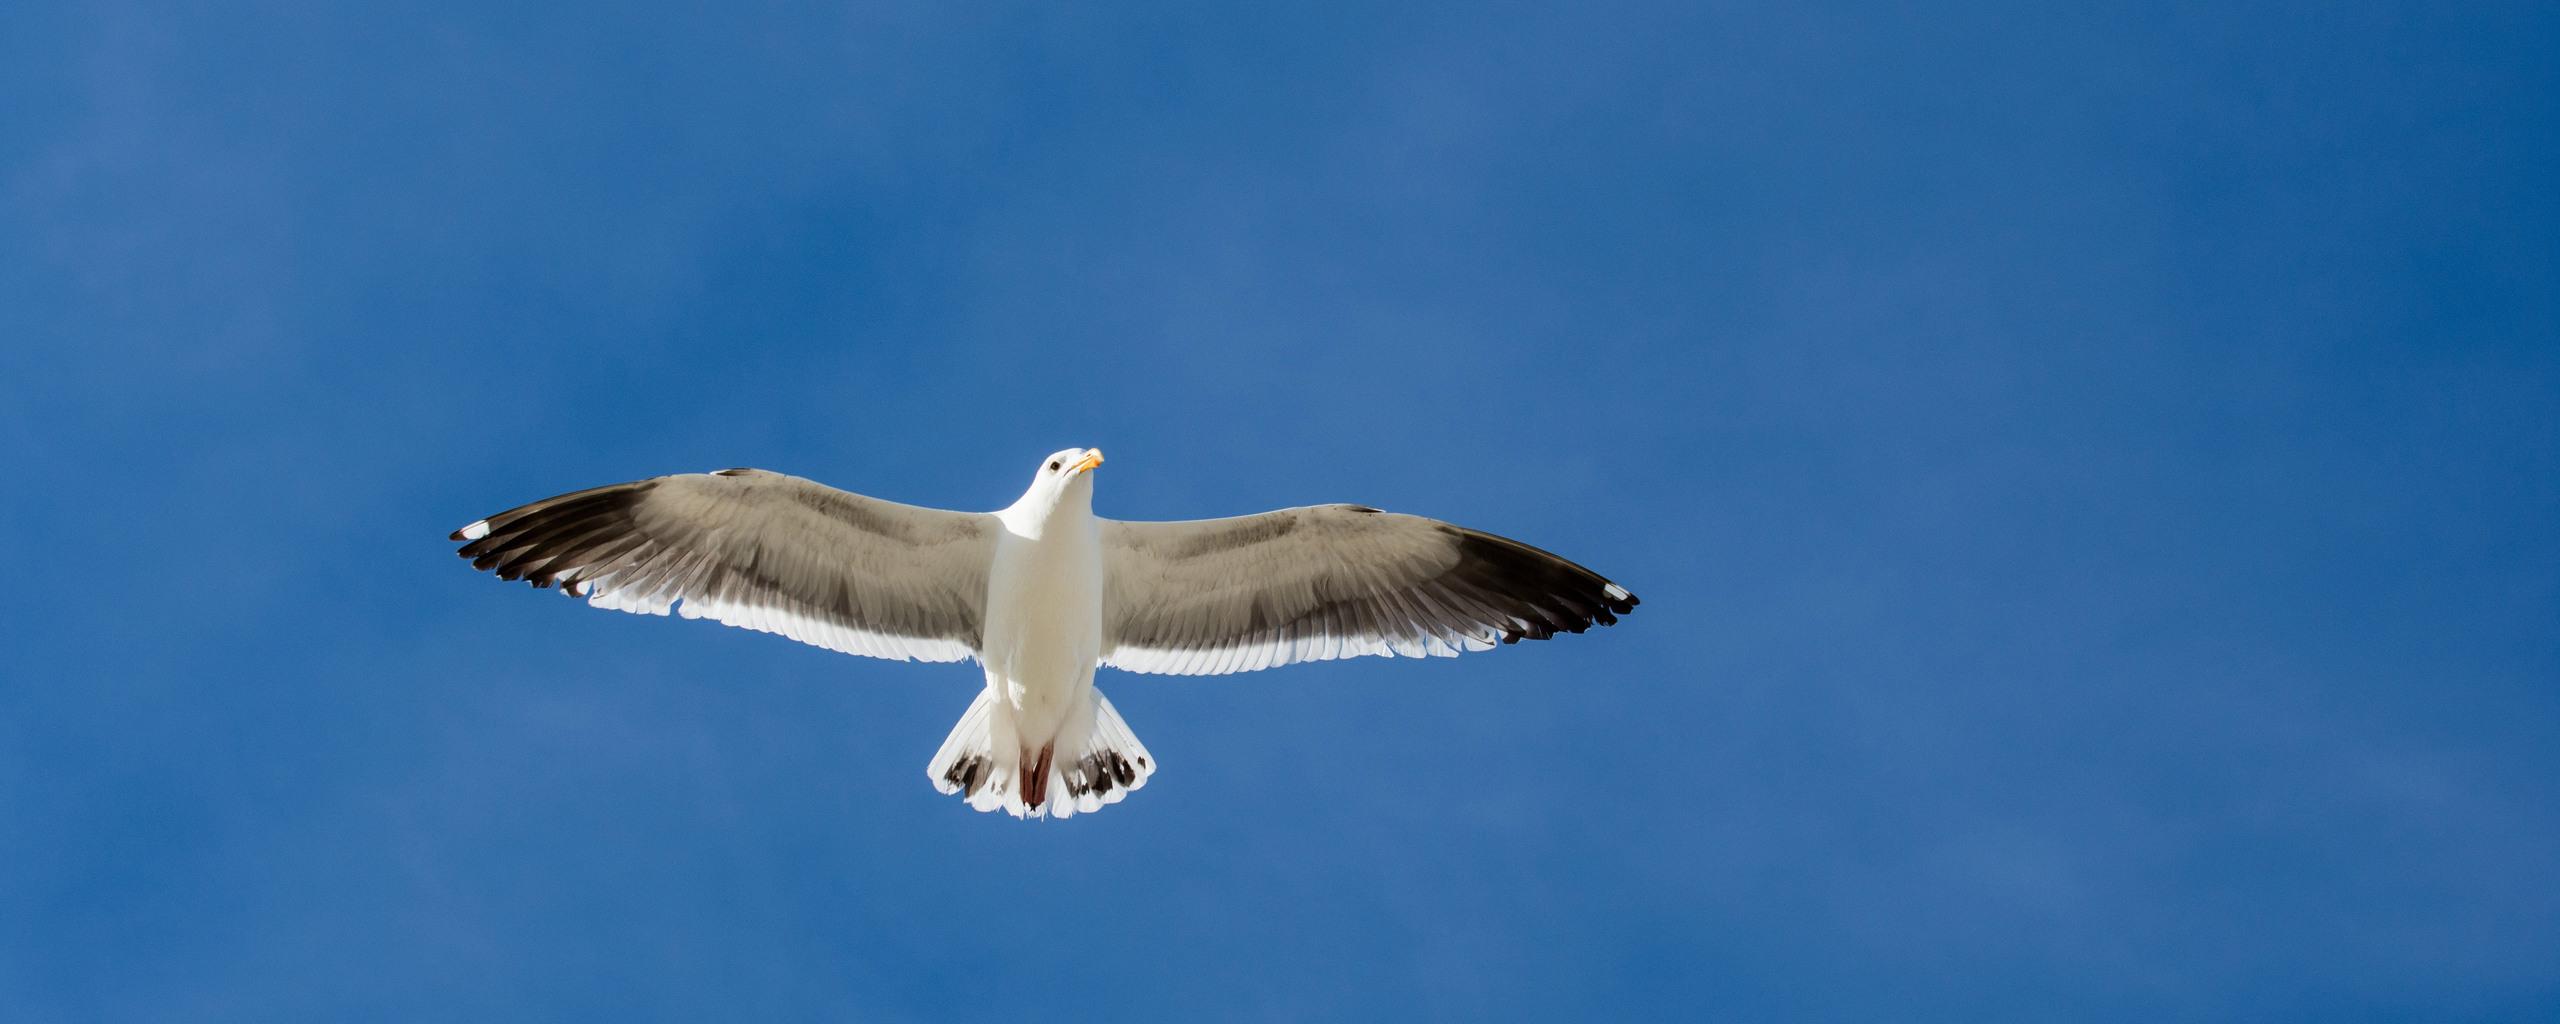 seagull-5k-gt.jpg